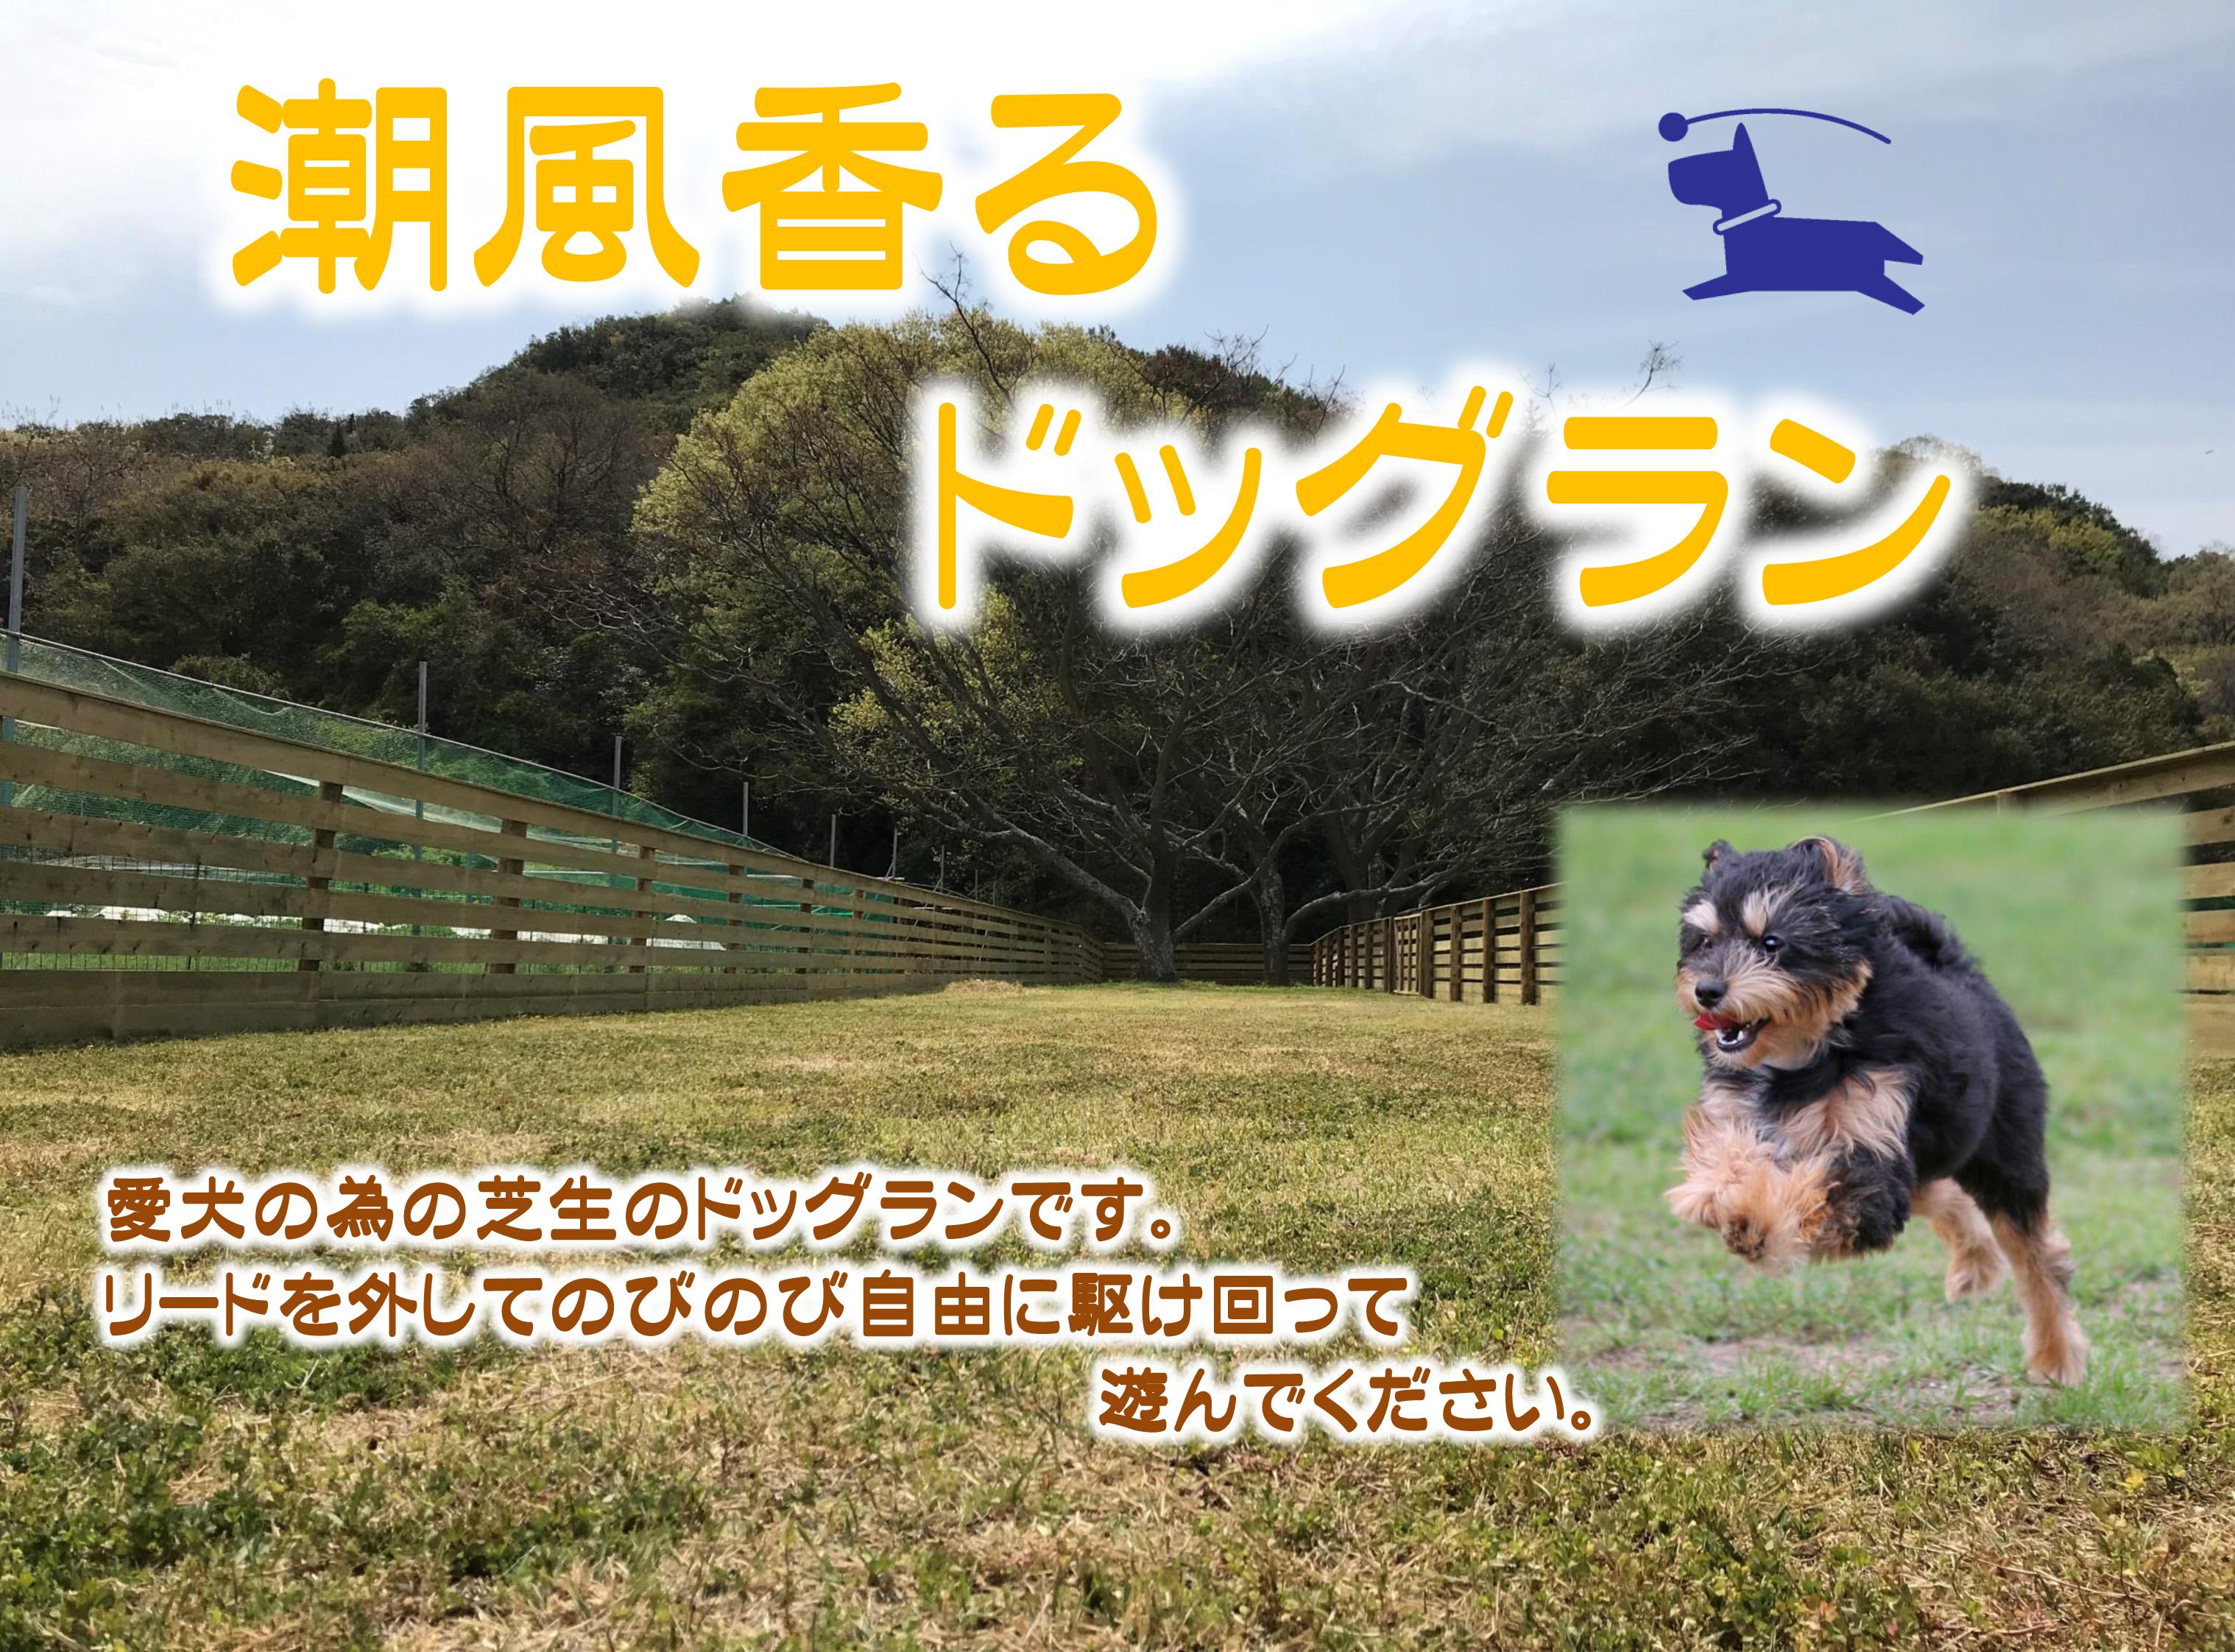 愛犬のための芝生のドッグランです。リードを外してのびのび自由に駆け回って遊んでください。